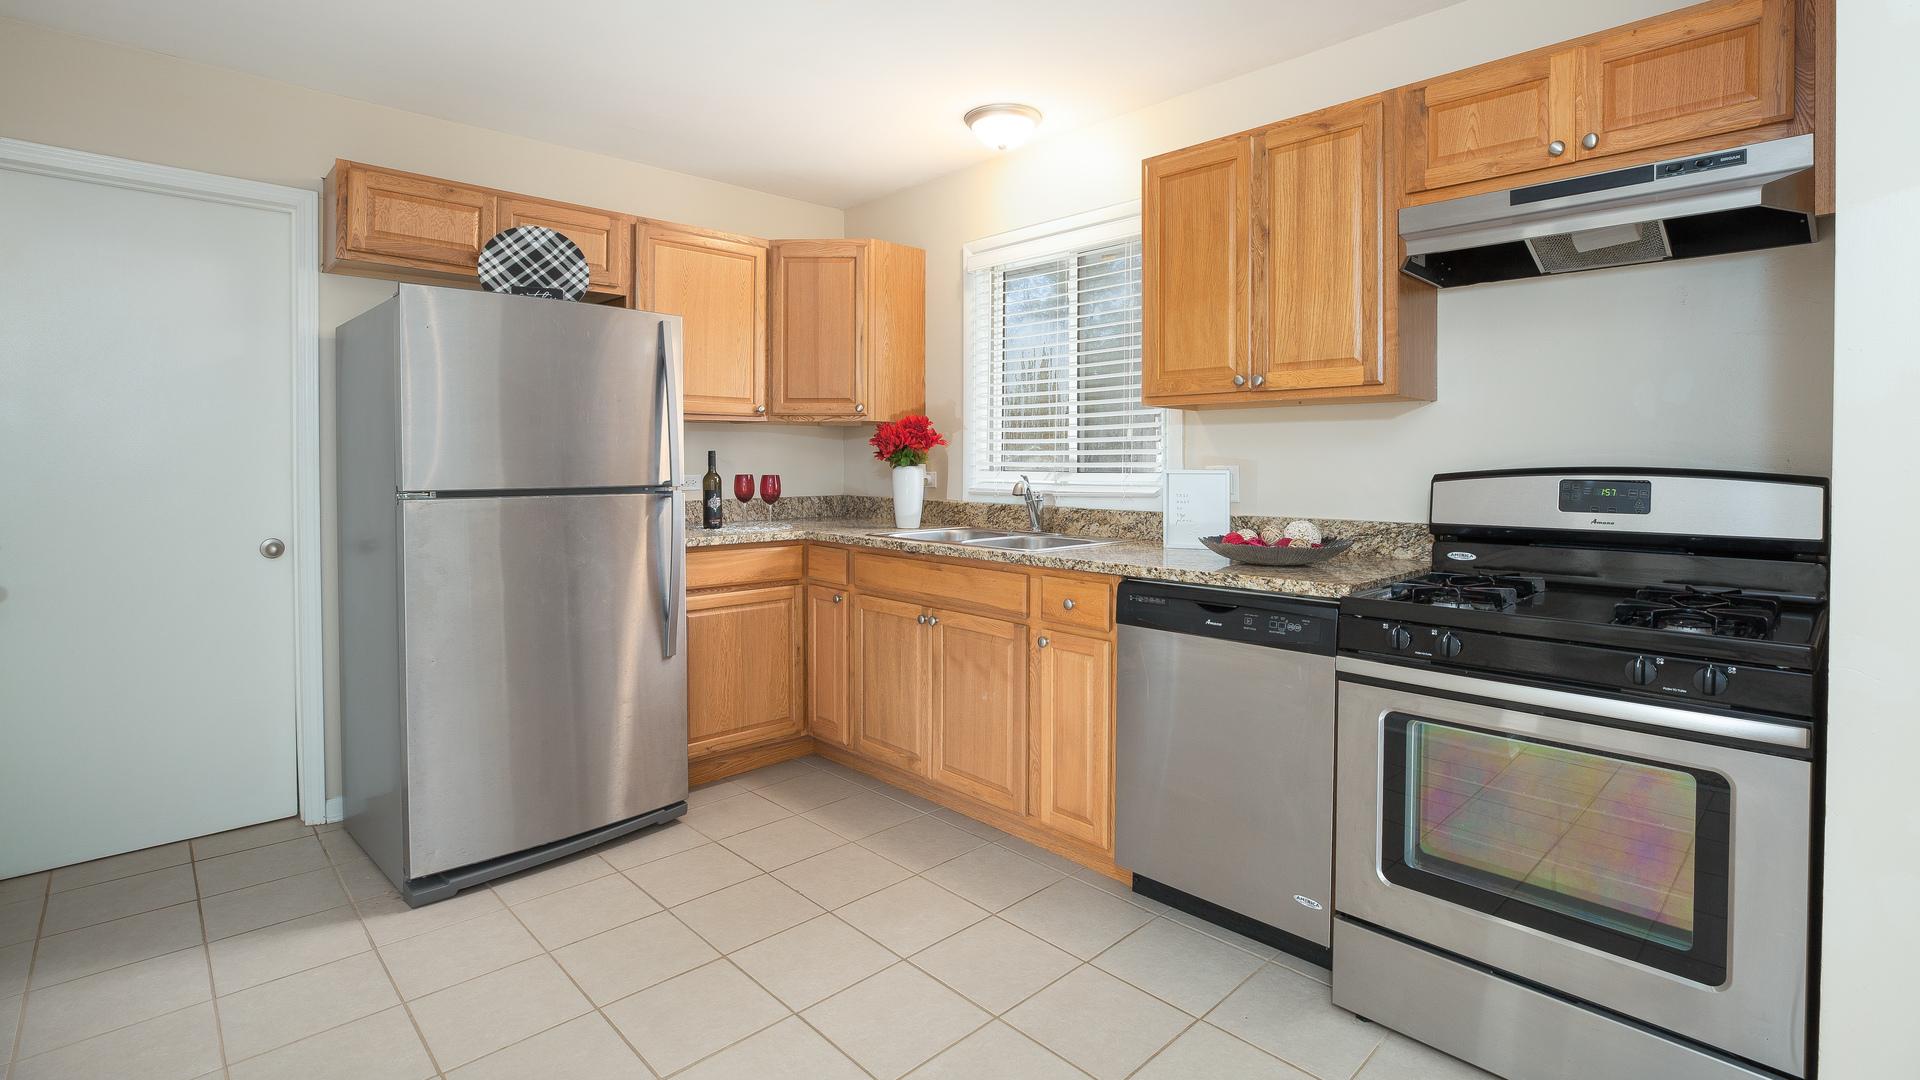 310 Maricopa, Hoffman Estates, Illinois, 60169